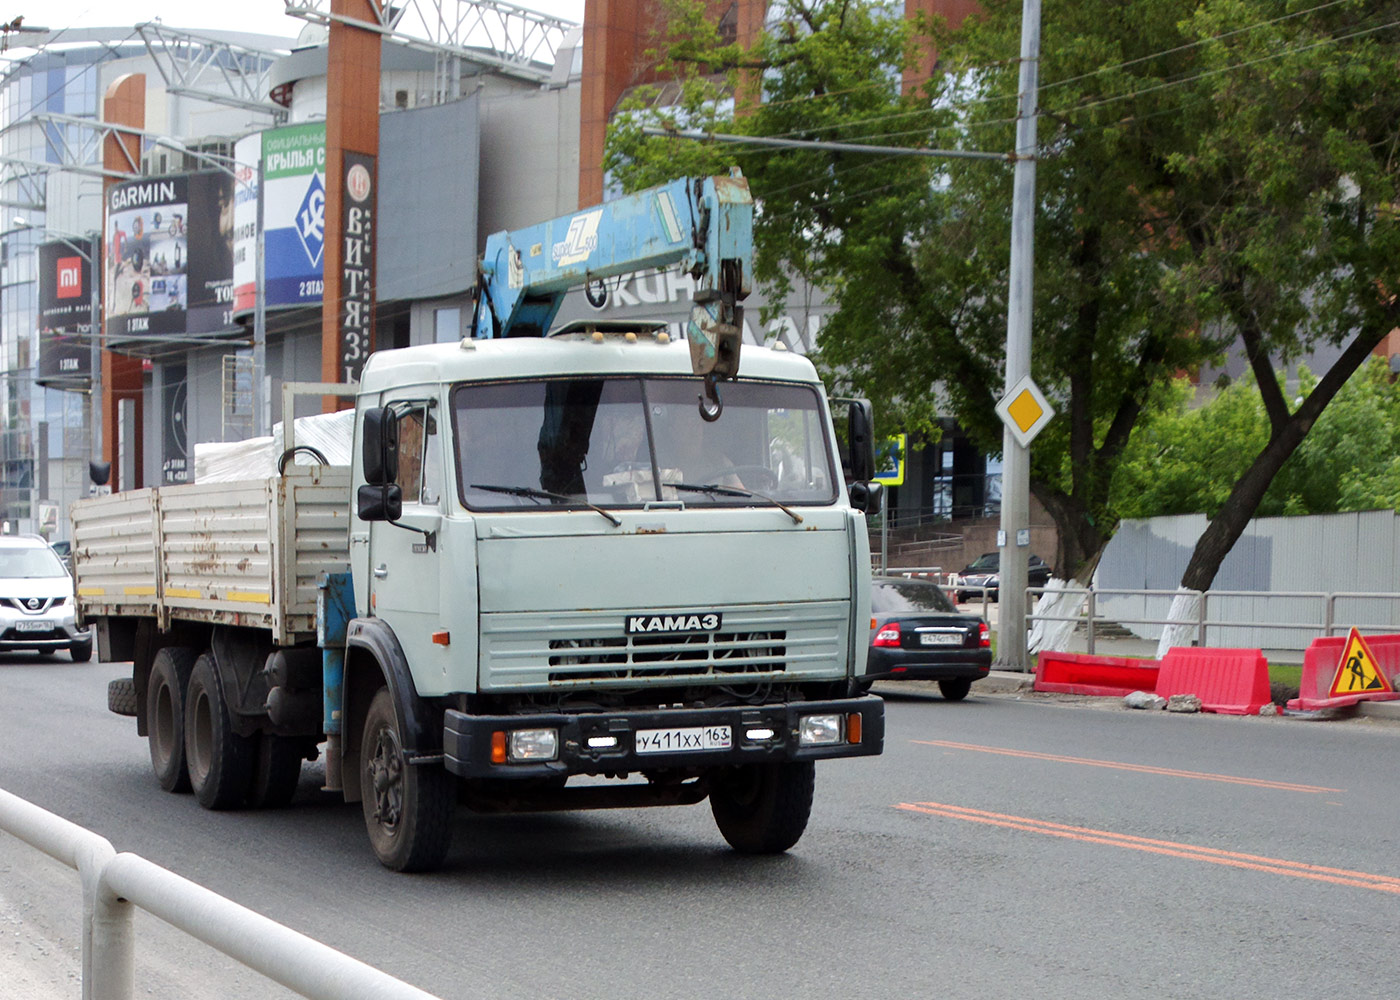 Бортовой грузовой автомобиль с кран-манипуляторным устройством КамАЗ-54105 #У411ХХ163. г. Самара, Московское шоссе